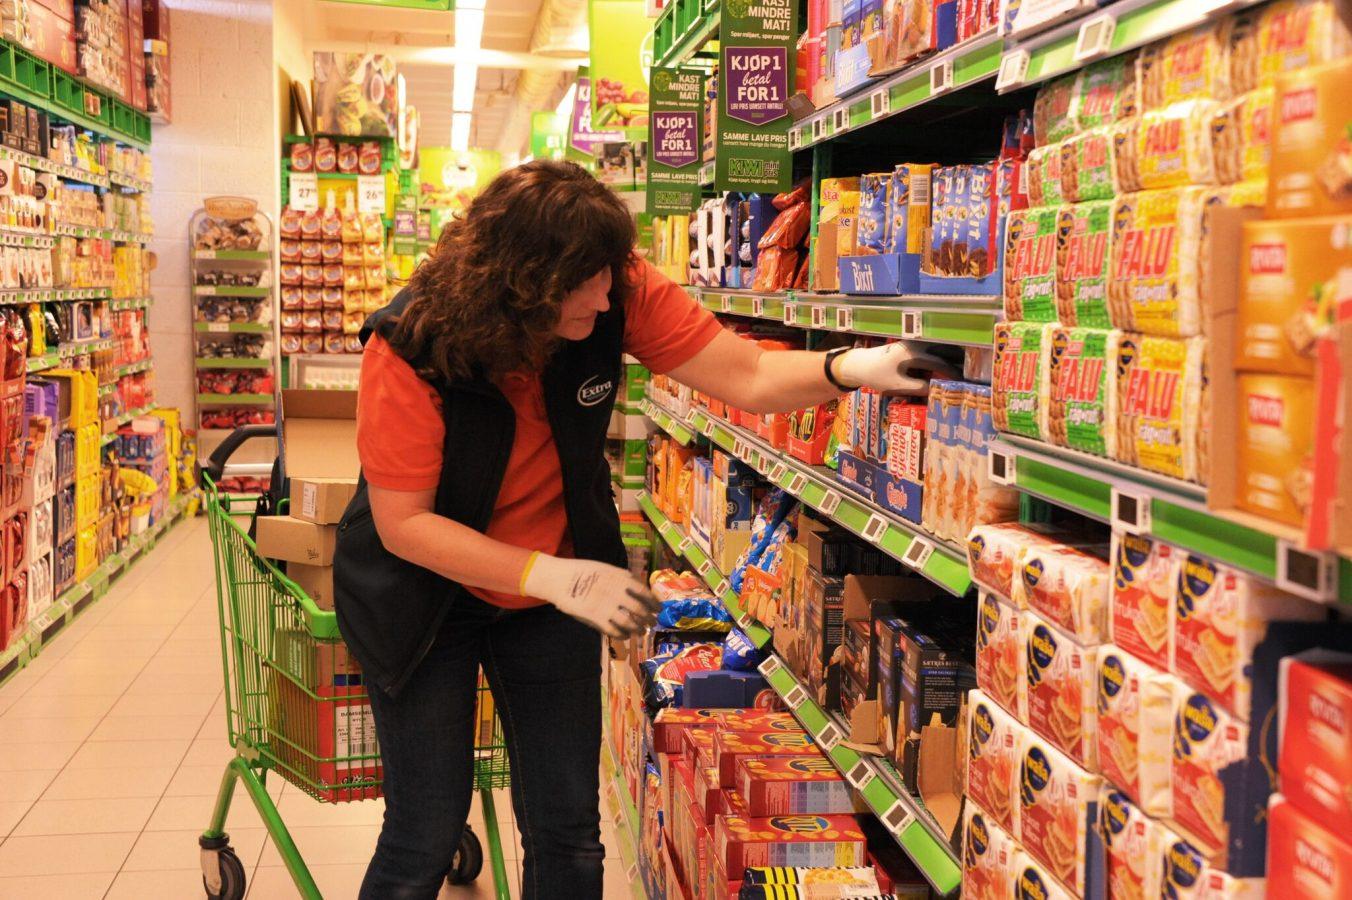 En kvinnelig butikkansatt stabler varer inn i hyllene i en matvarebutikk.